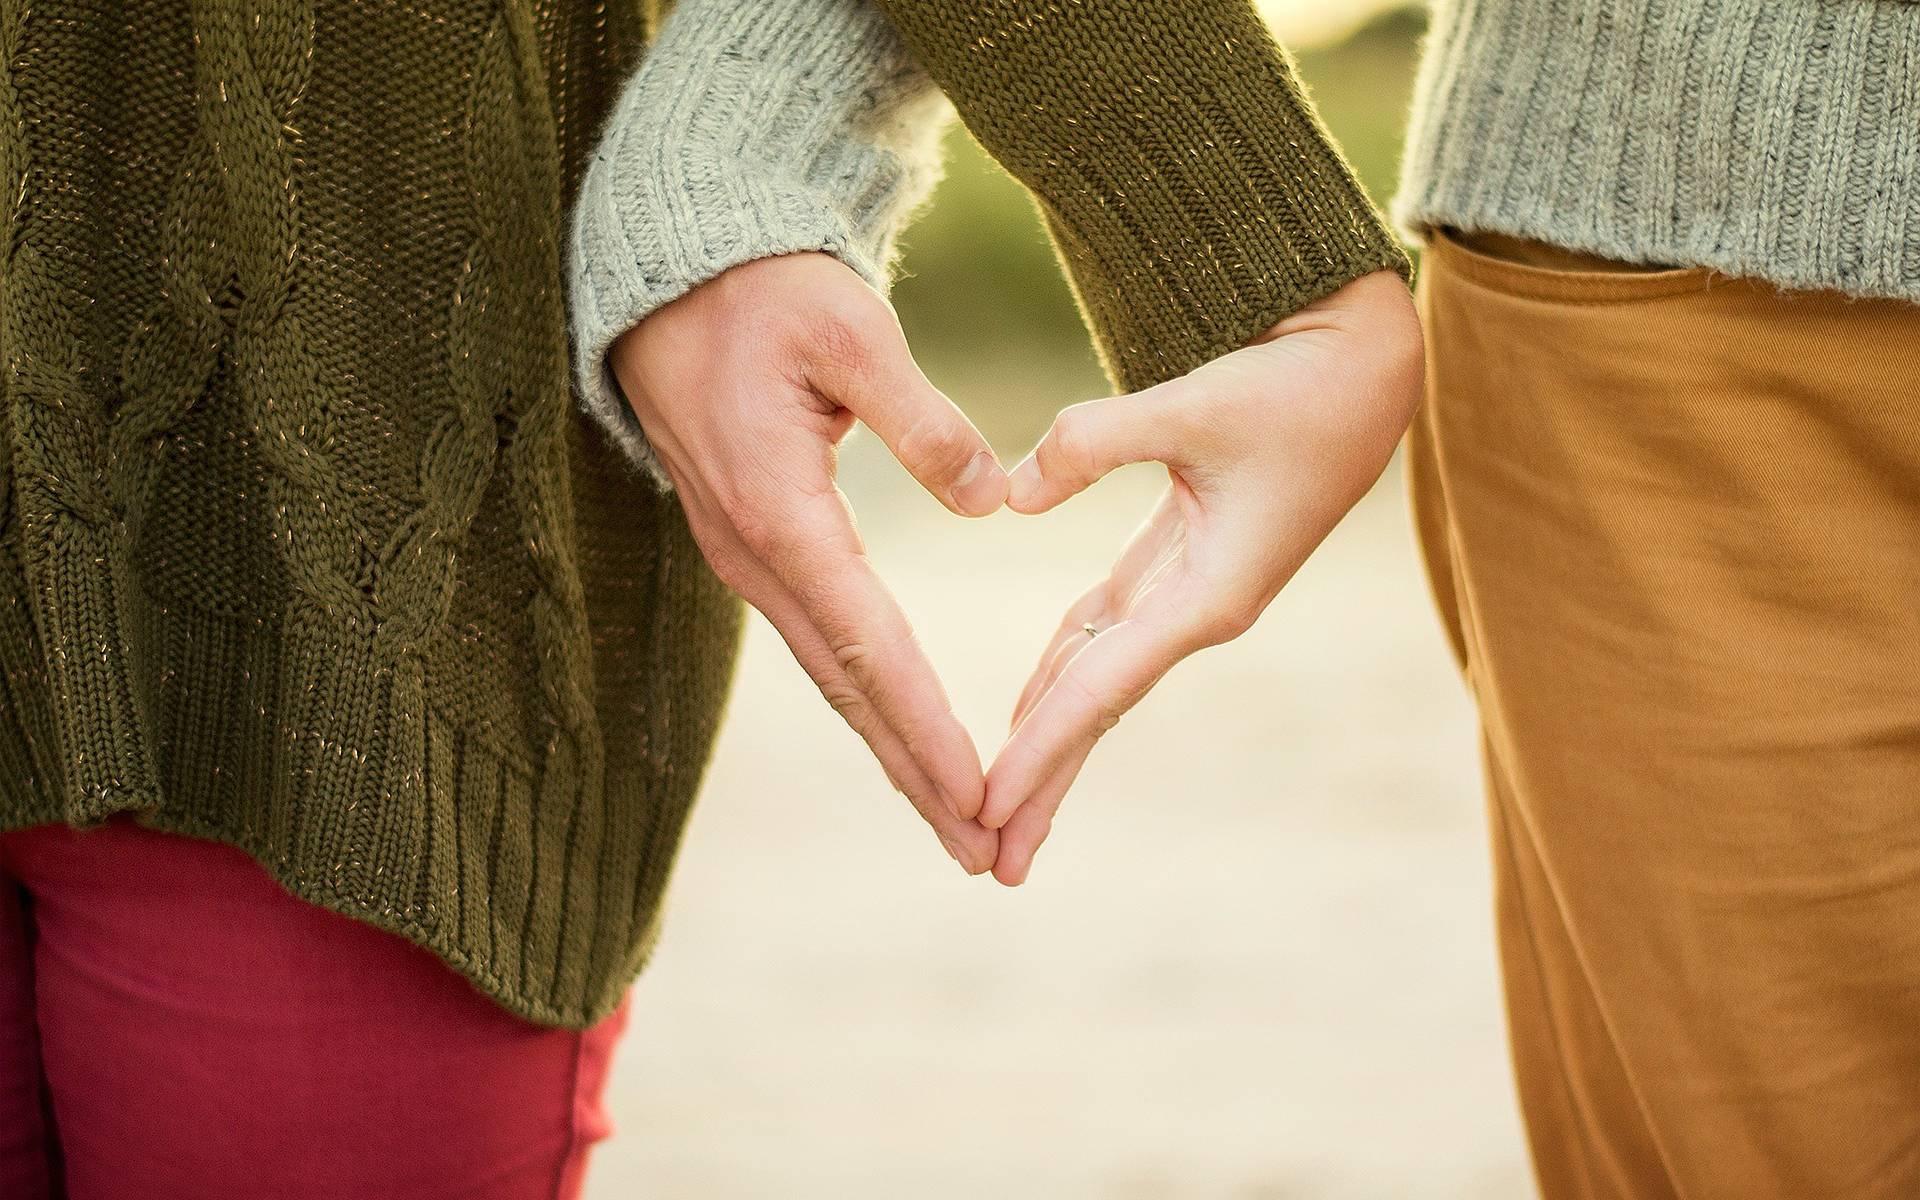 Mains en coeur